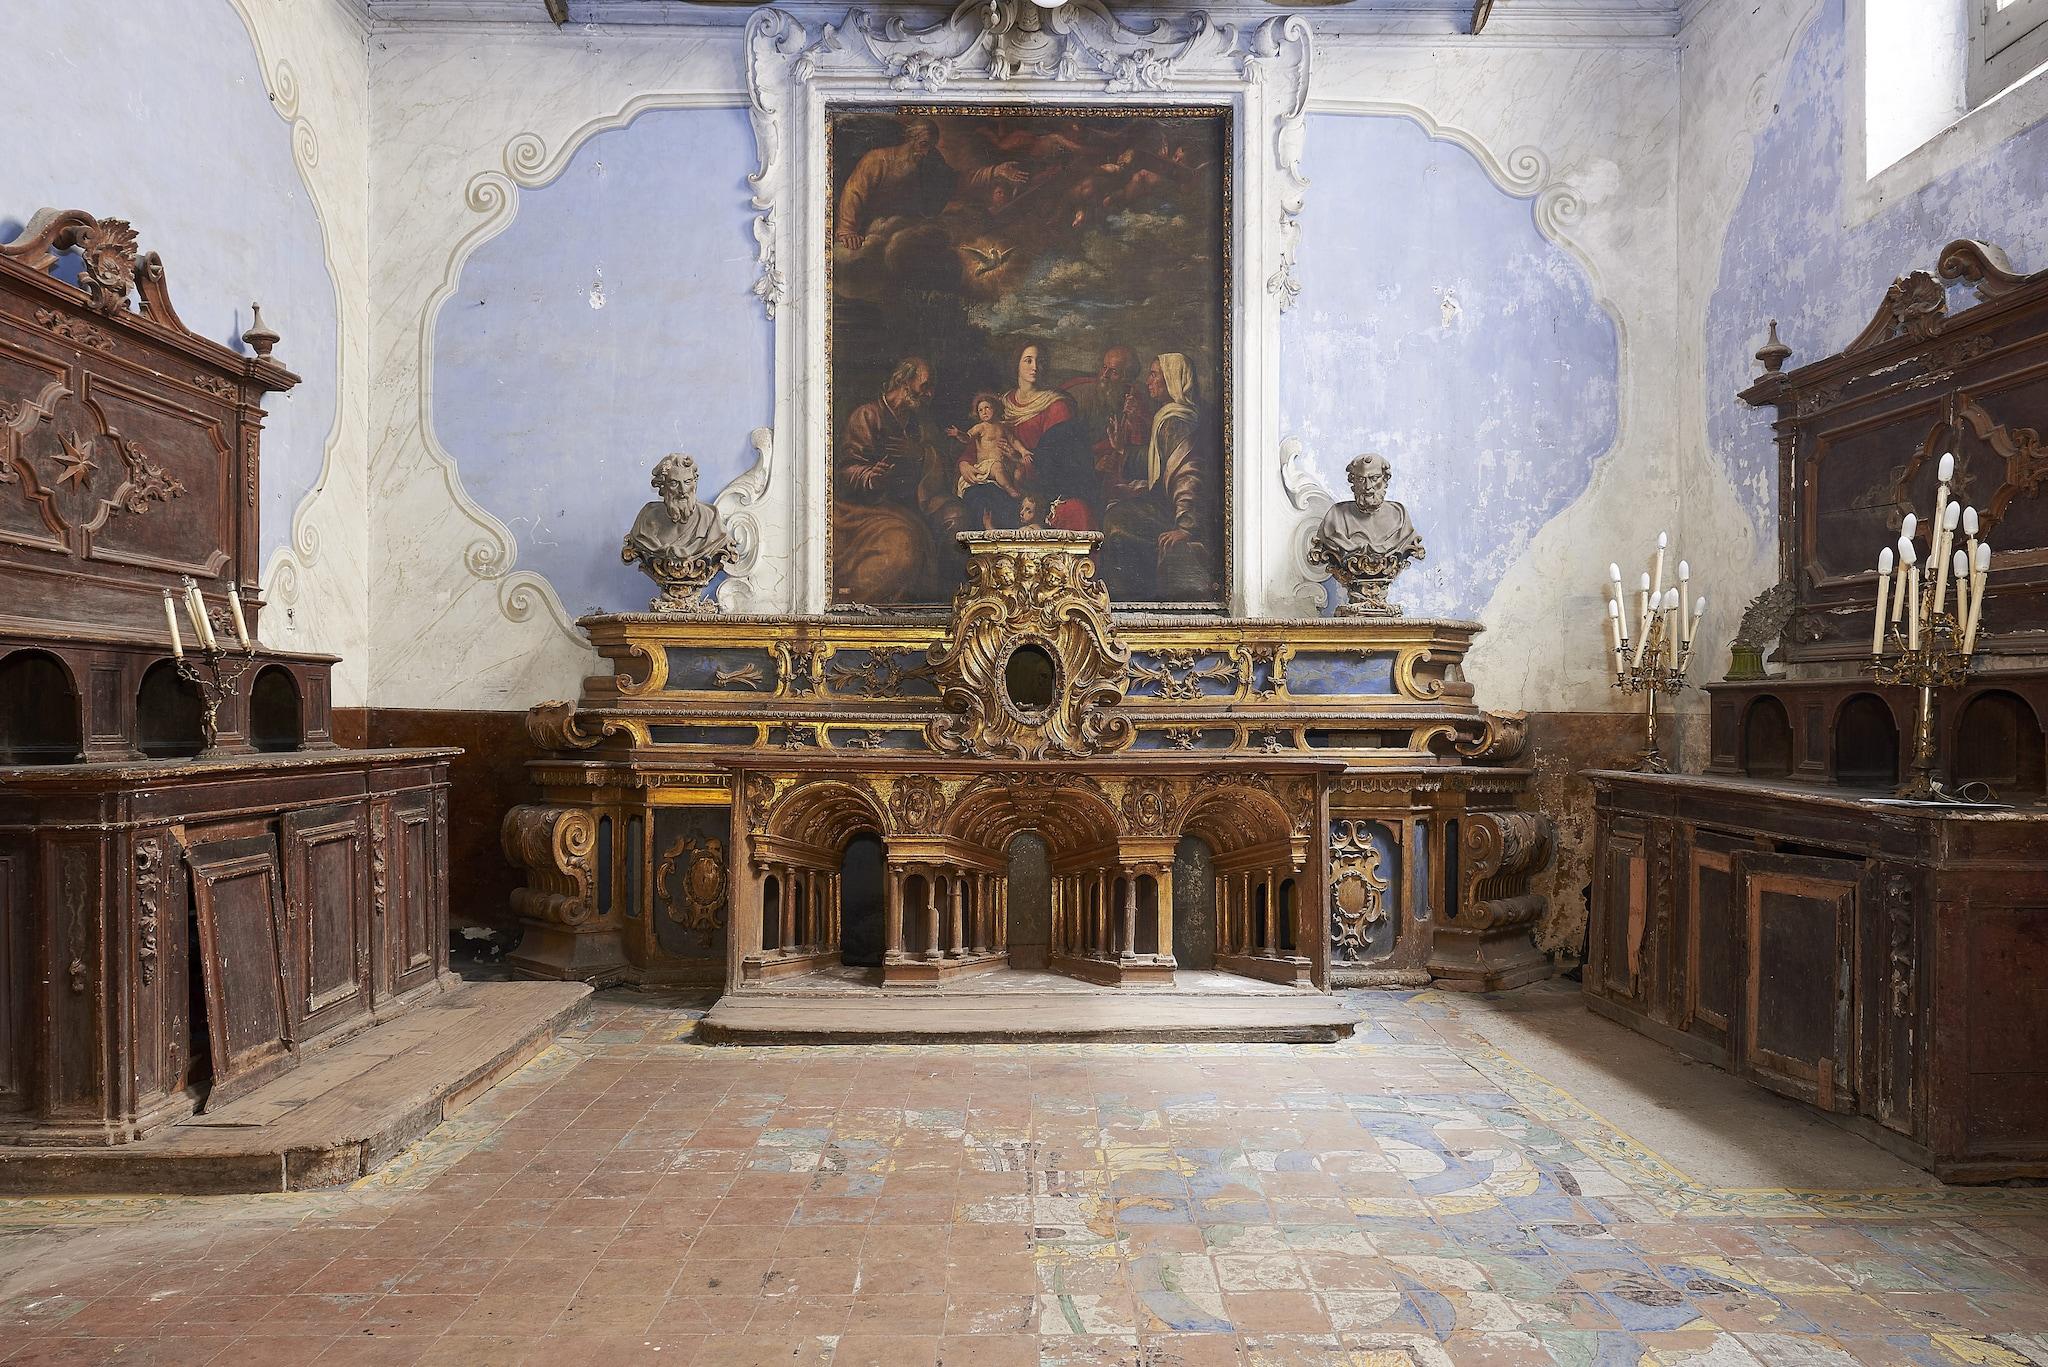 L'altare ligneo settecentesco conservato nella sacrestia della Chiesa (foto: Associazione Respiriamo Arte).